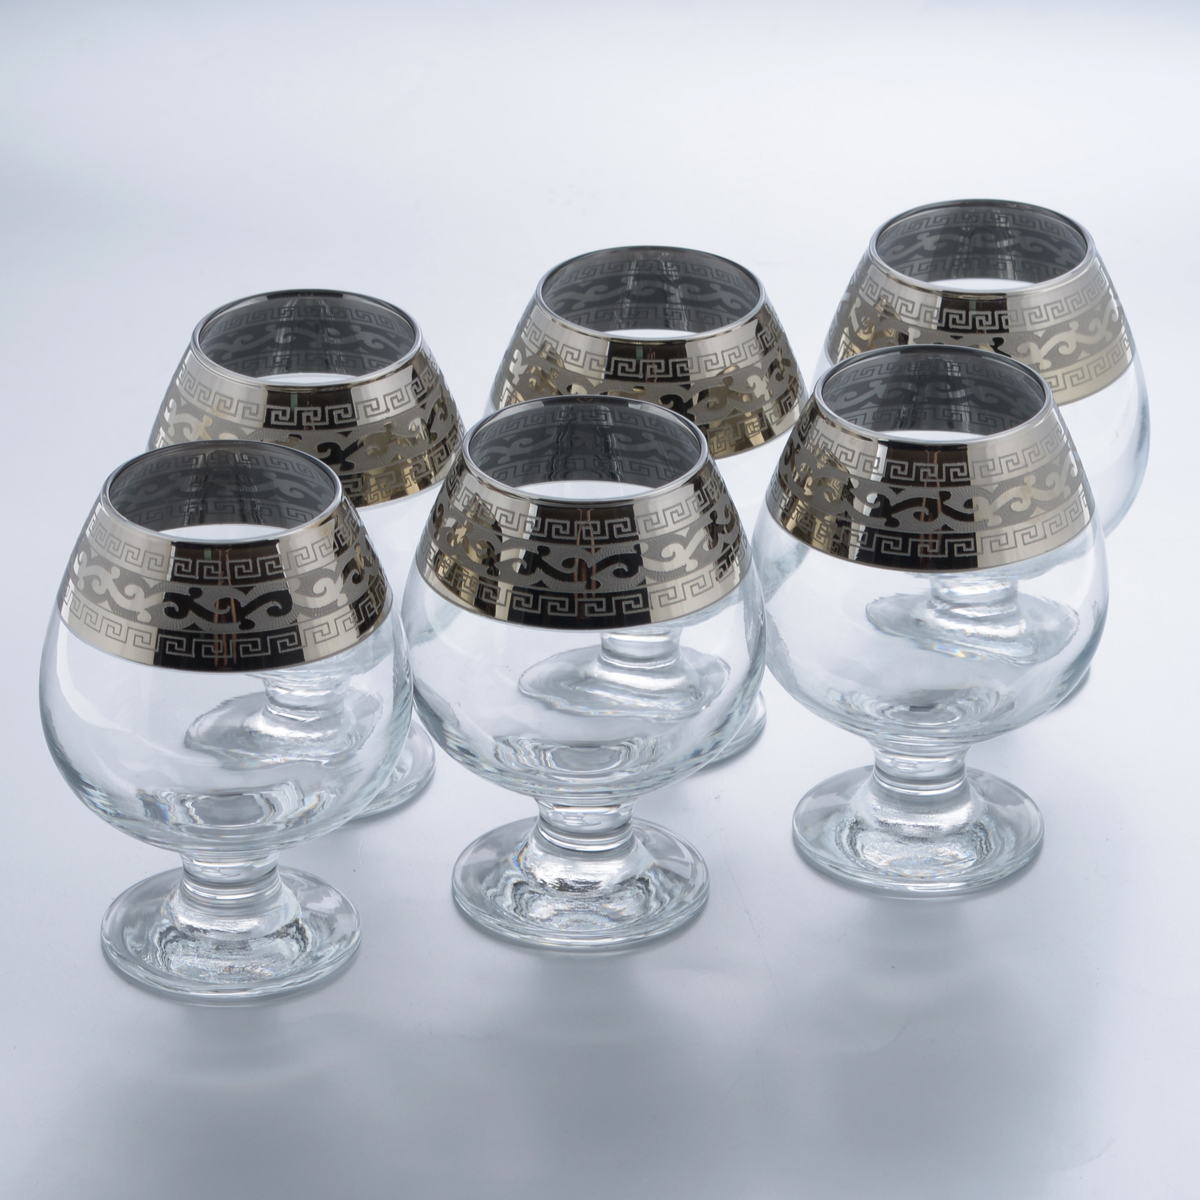 Набор бокалов для бренди Гусь-Хрустальный Версаче, 400 мл, 6 штVT-1520(SR)Набор Гусь-Хрустальный Версаче состоит из 6 бокалов, изготовленных из высококачественного натрий-кальций-силикатного стекла. Изделия оформлены красивым зеркальным покрытием и широкой окантовкой с оригинальным узором. Бокалы предназначены для подачи бренди. Такой набор прекрасно дополнит праздничный стол и станет желанным подарком в любом доме. Разрешается мыть в посудомоечной машине. Диаметр бокала (по верхнему краю): 5,5 см. Высота бокала: 12,5 см. Диаметр основания бокала: 6,4 см.